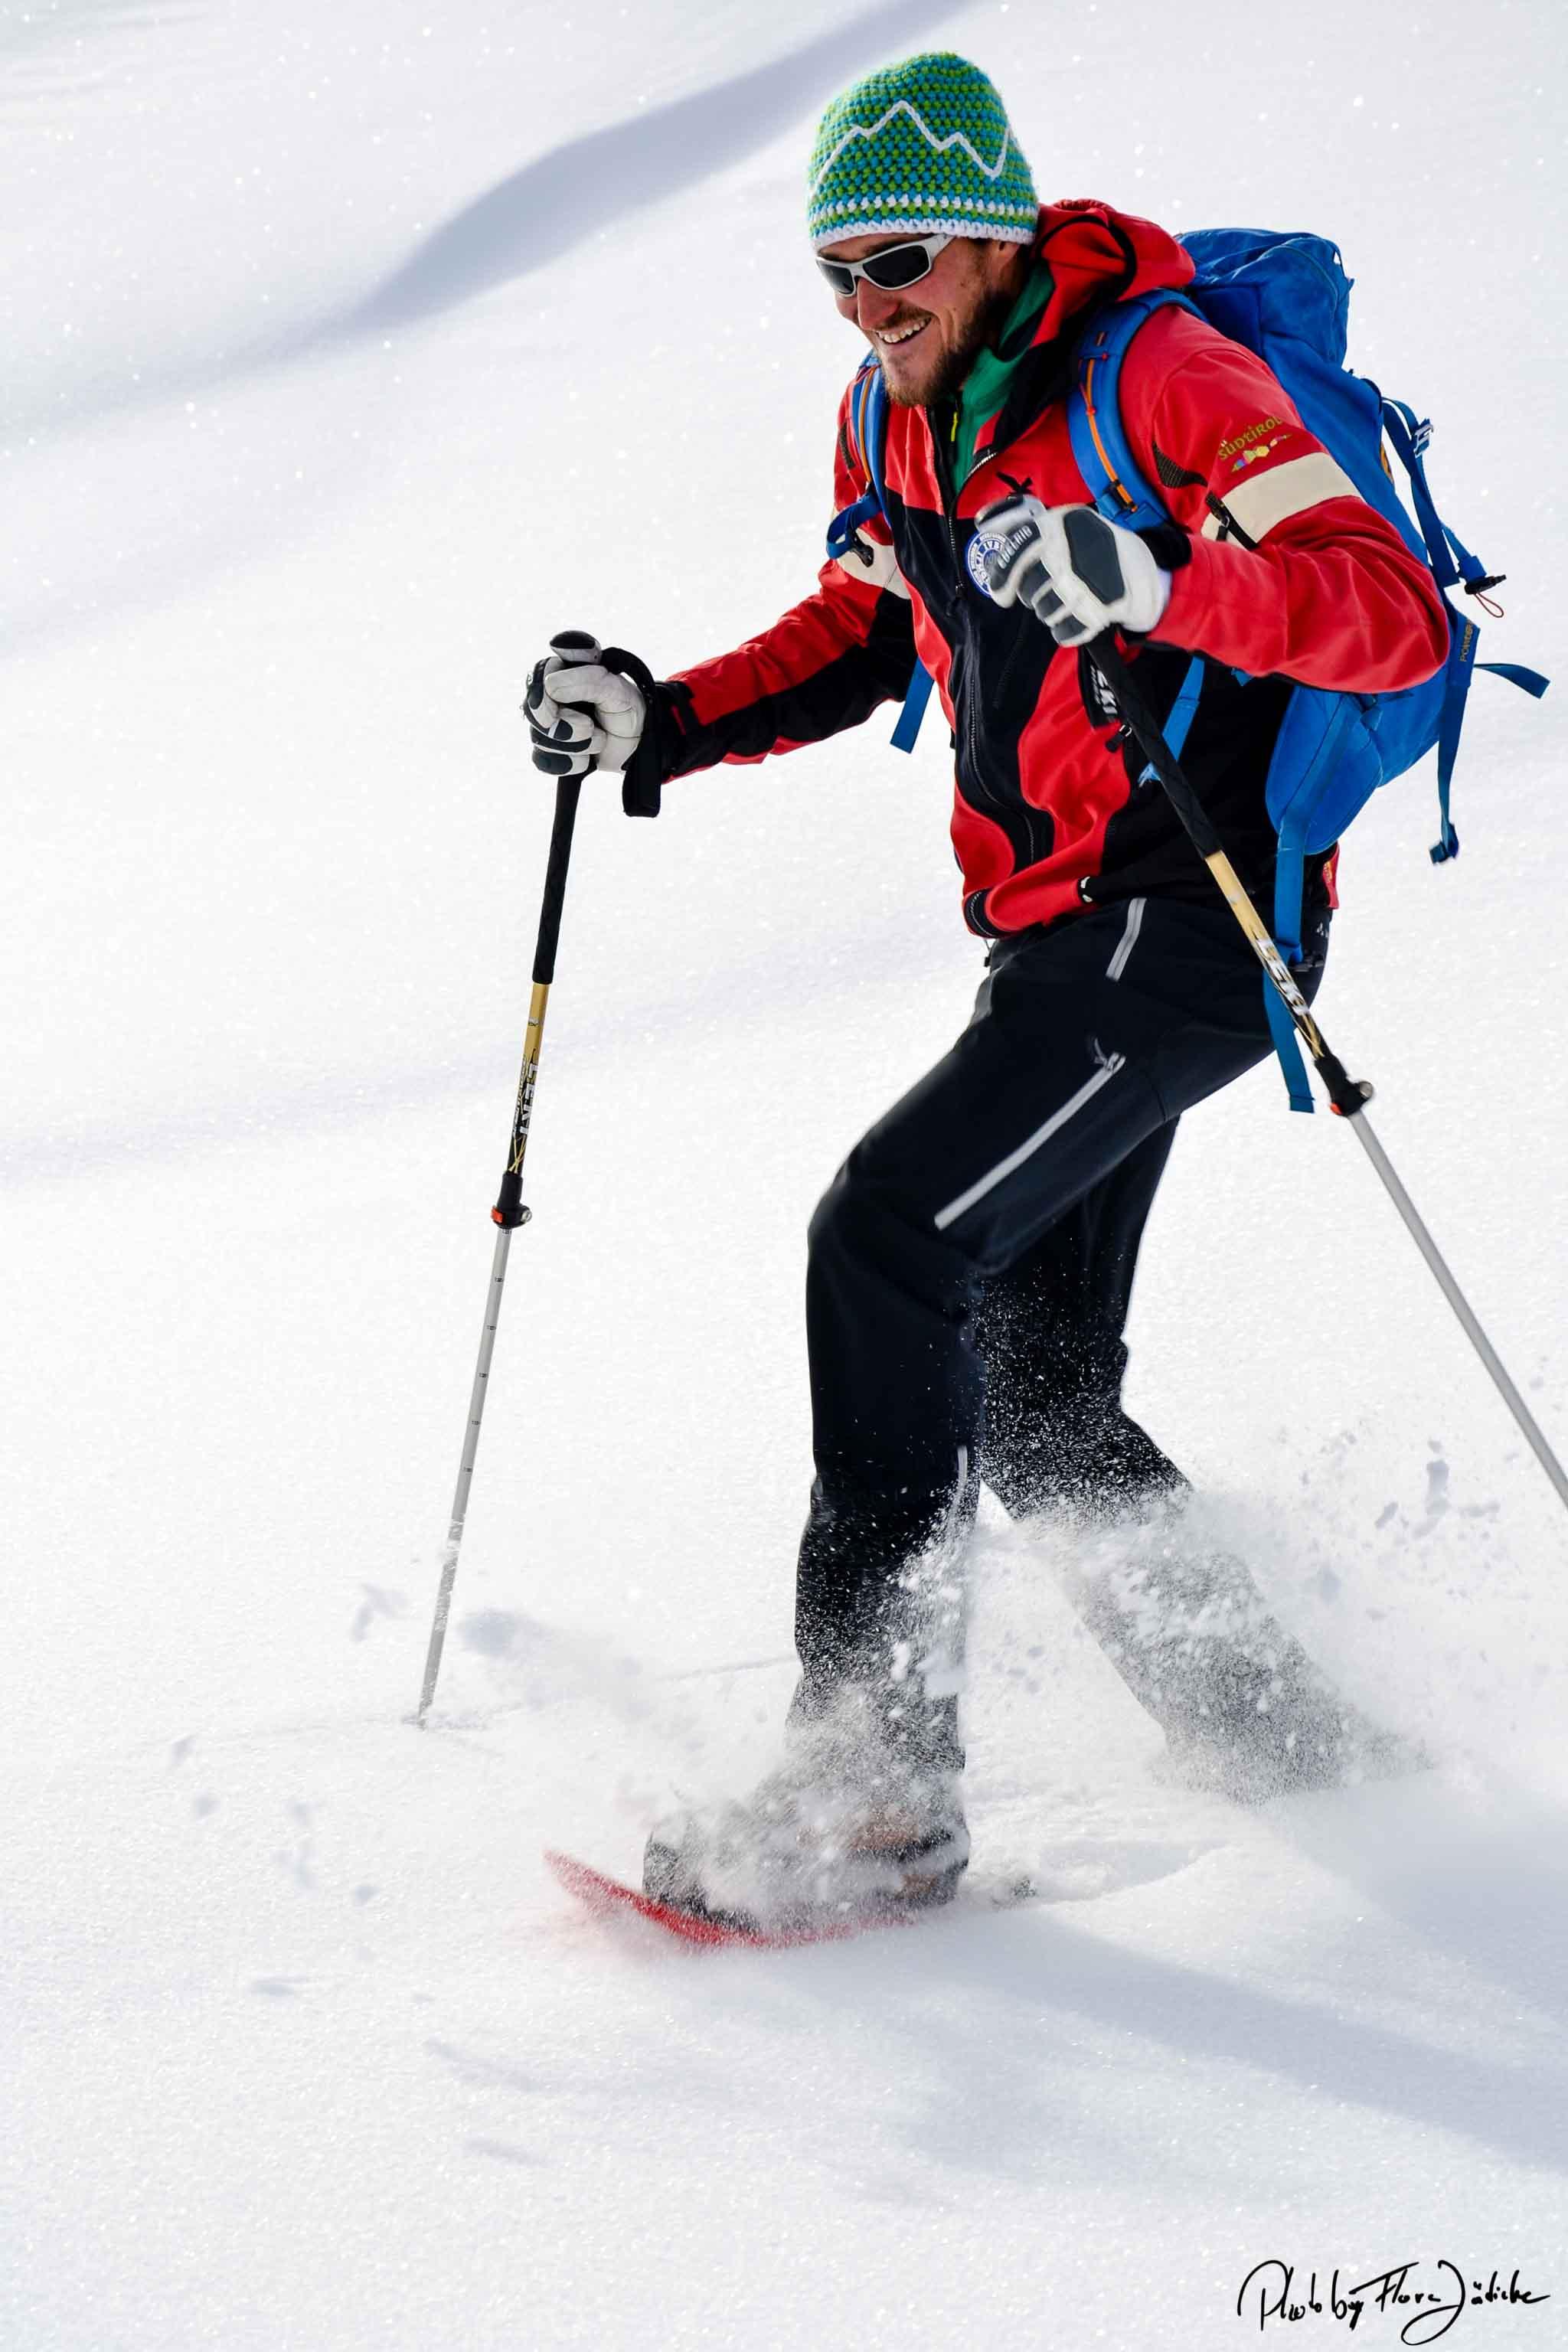 Fast wie Freeriden. Max Willeit tanzt fast auf seinen Schneeschuhen den Berg hinunter. Foto: Flora Jädicke